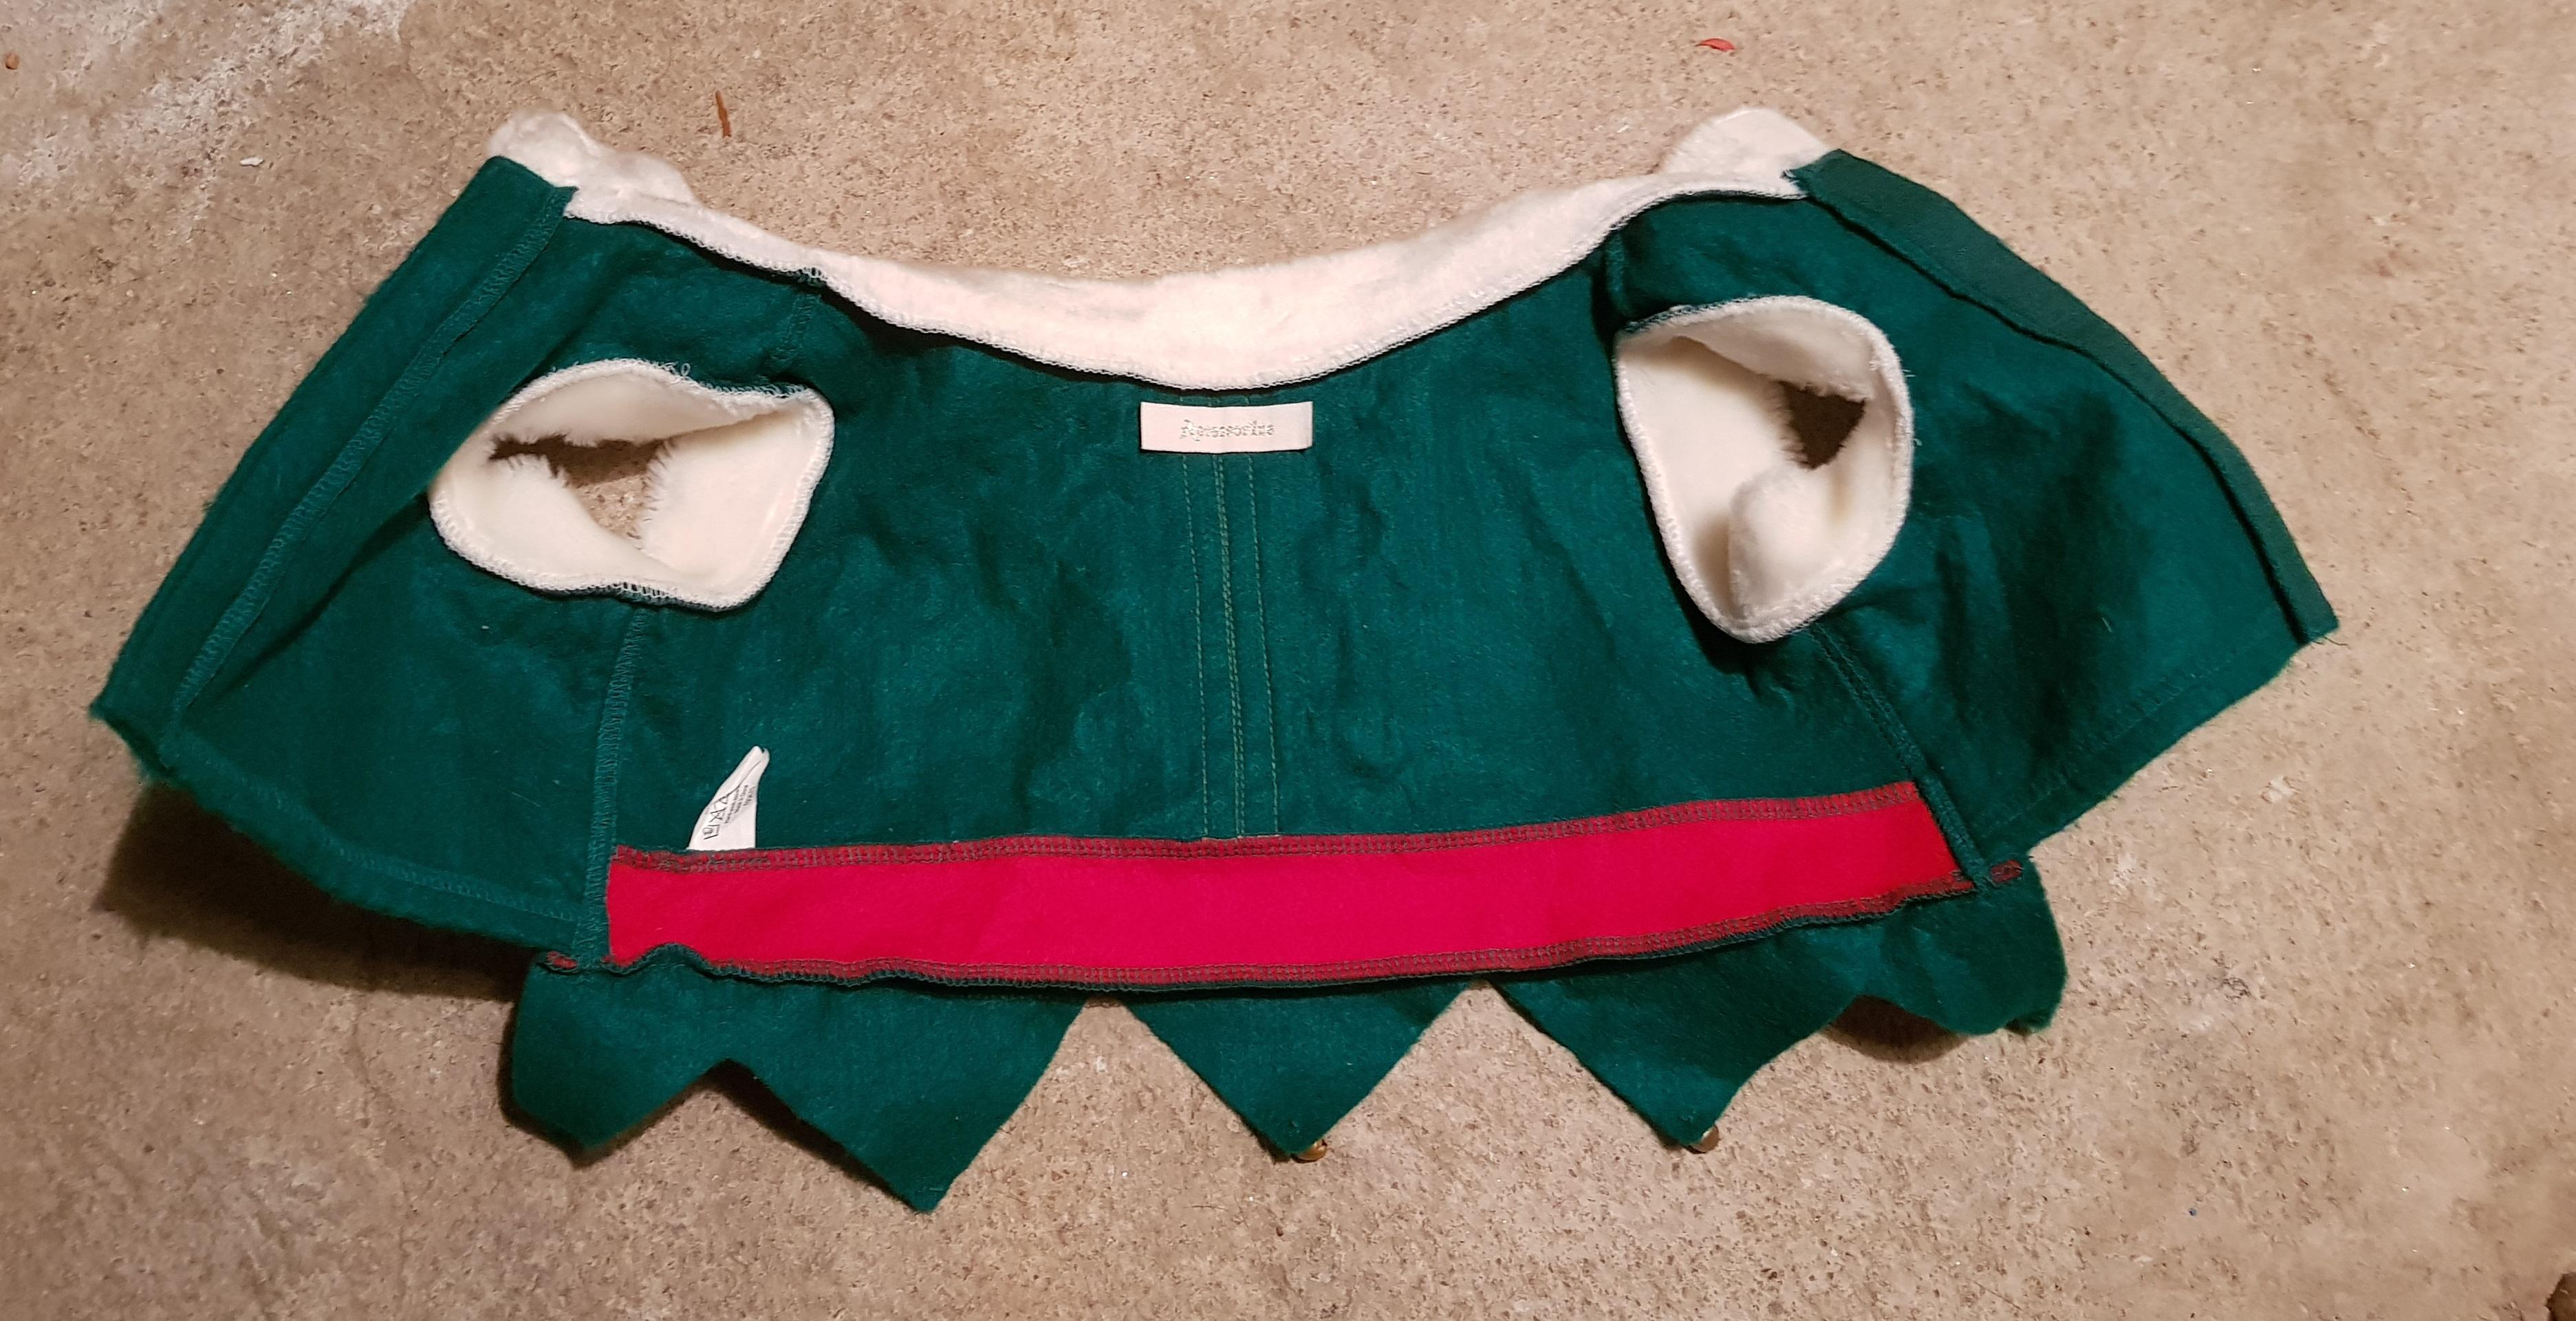 troc de troc manteau lutin de noël chien image 2